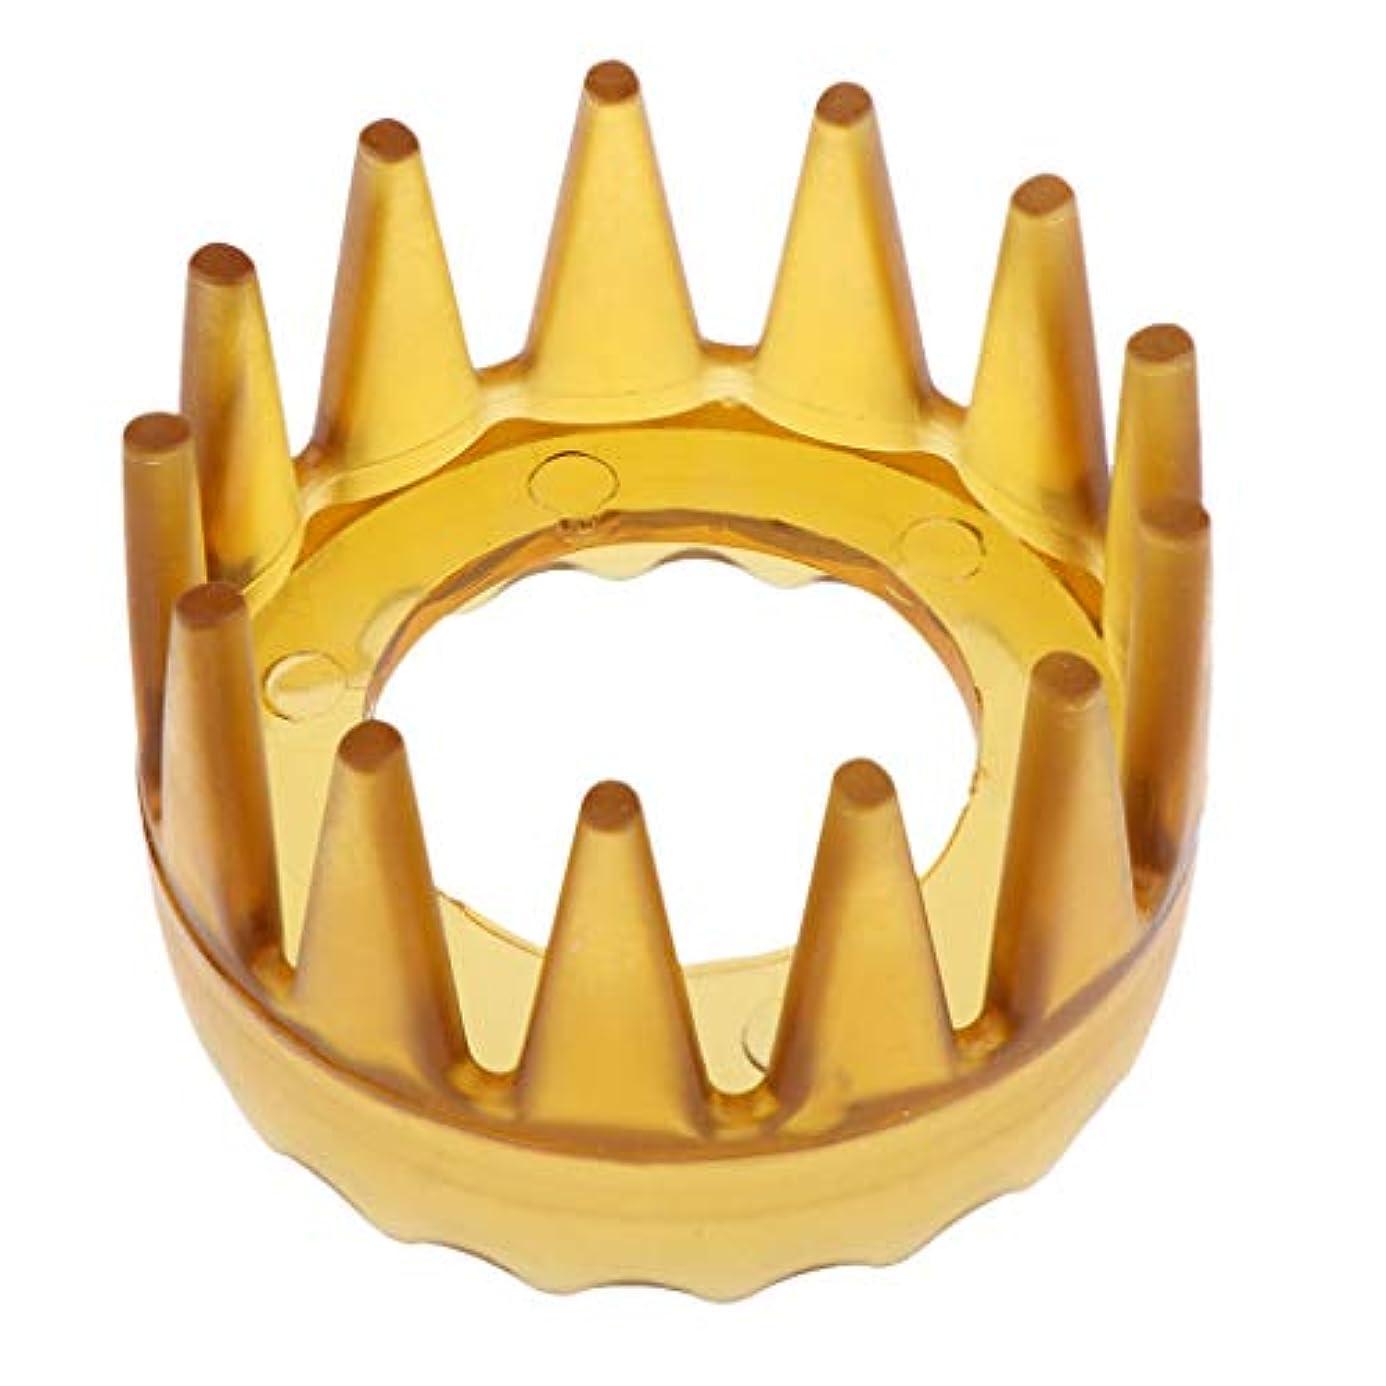 単独で否定する漏れF Fityle ヘアケアブラシ 頭皮マッサージ 滑り止め 櫛 くし 4色選べ - 黄